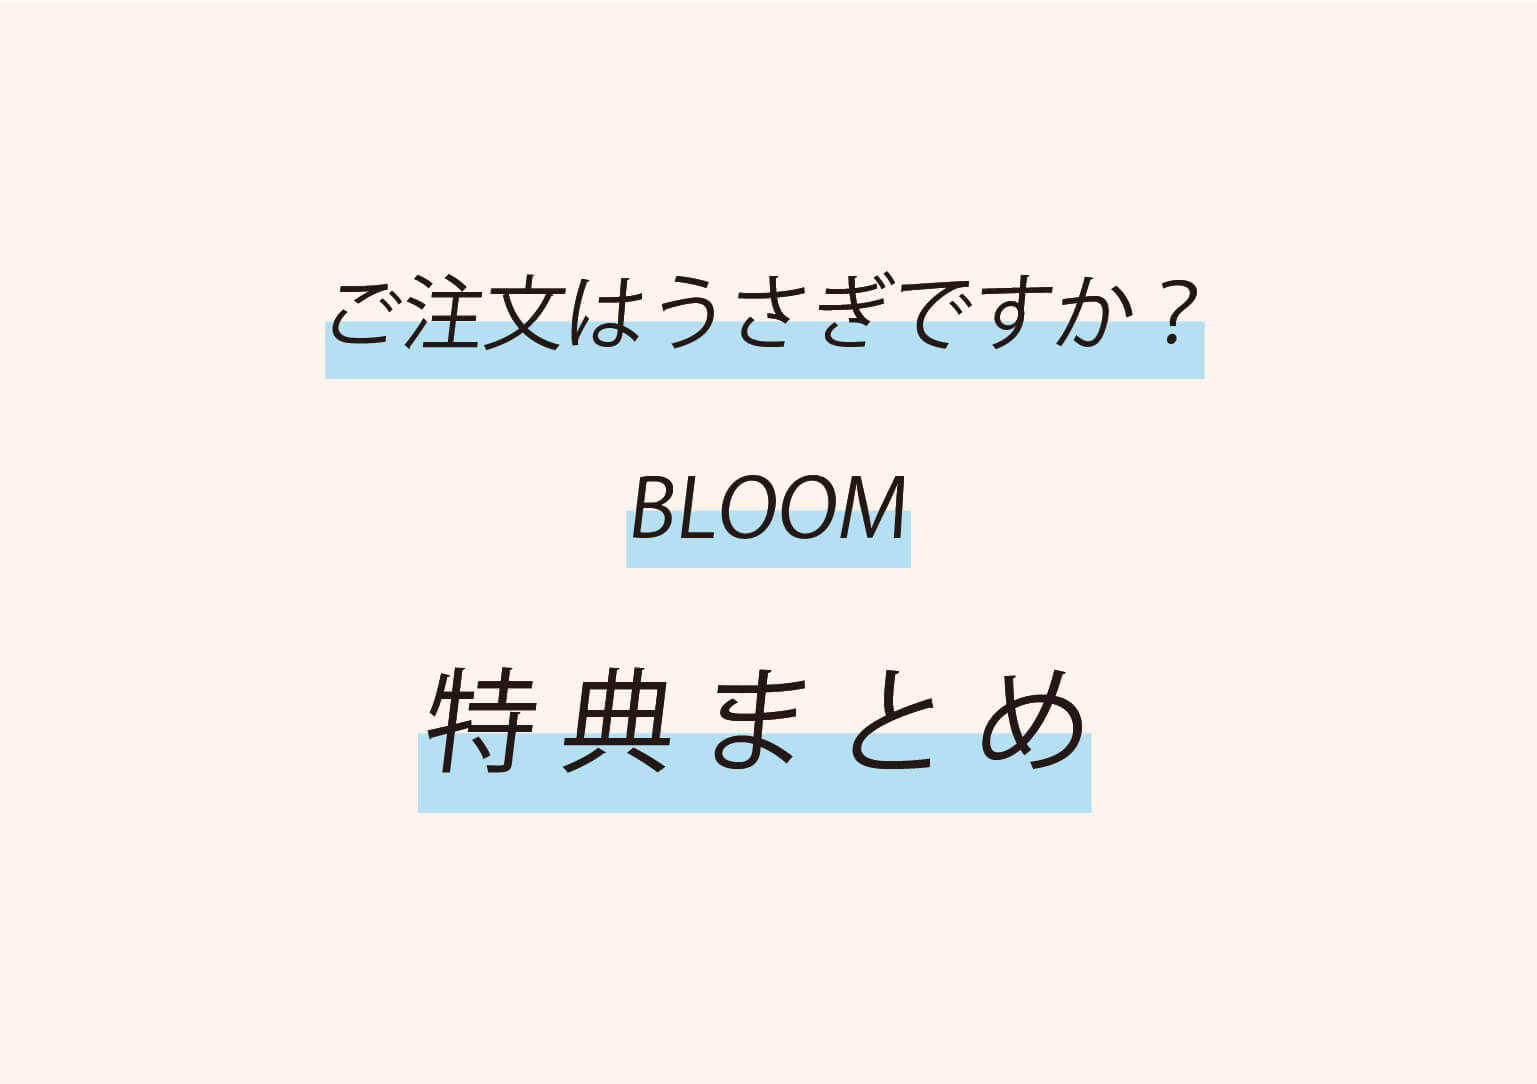 ごちうさブルーレイ特典まとめ【3期/BLOOM】